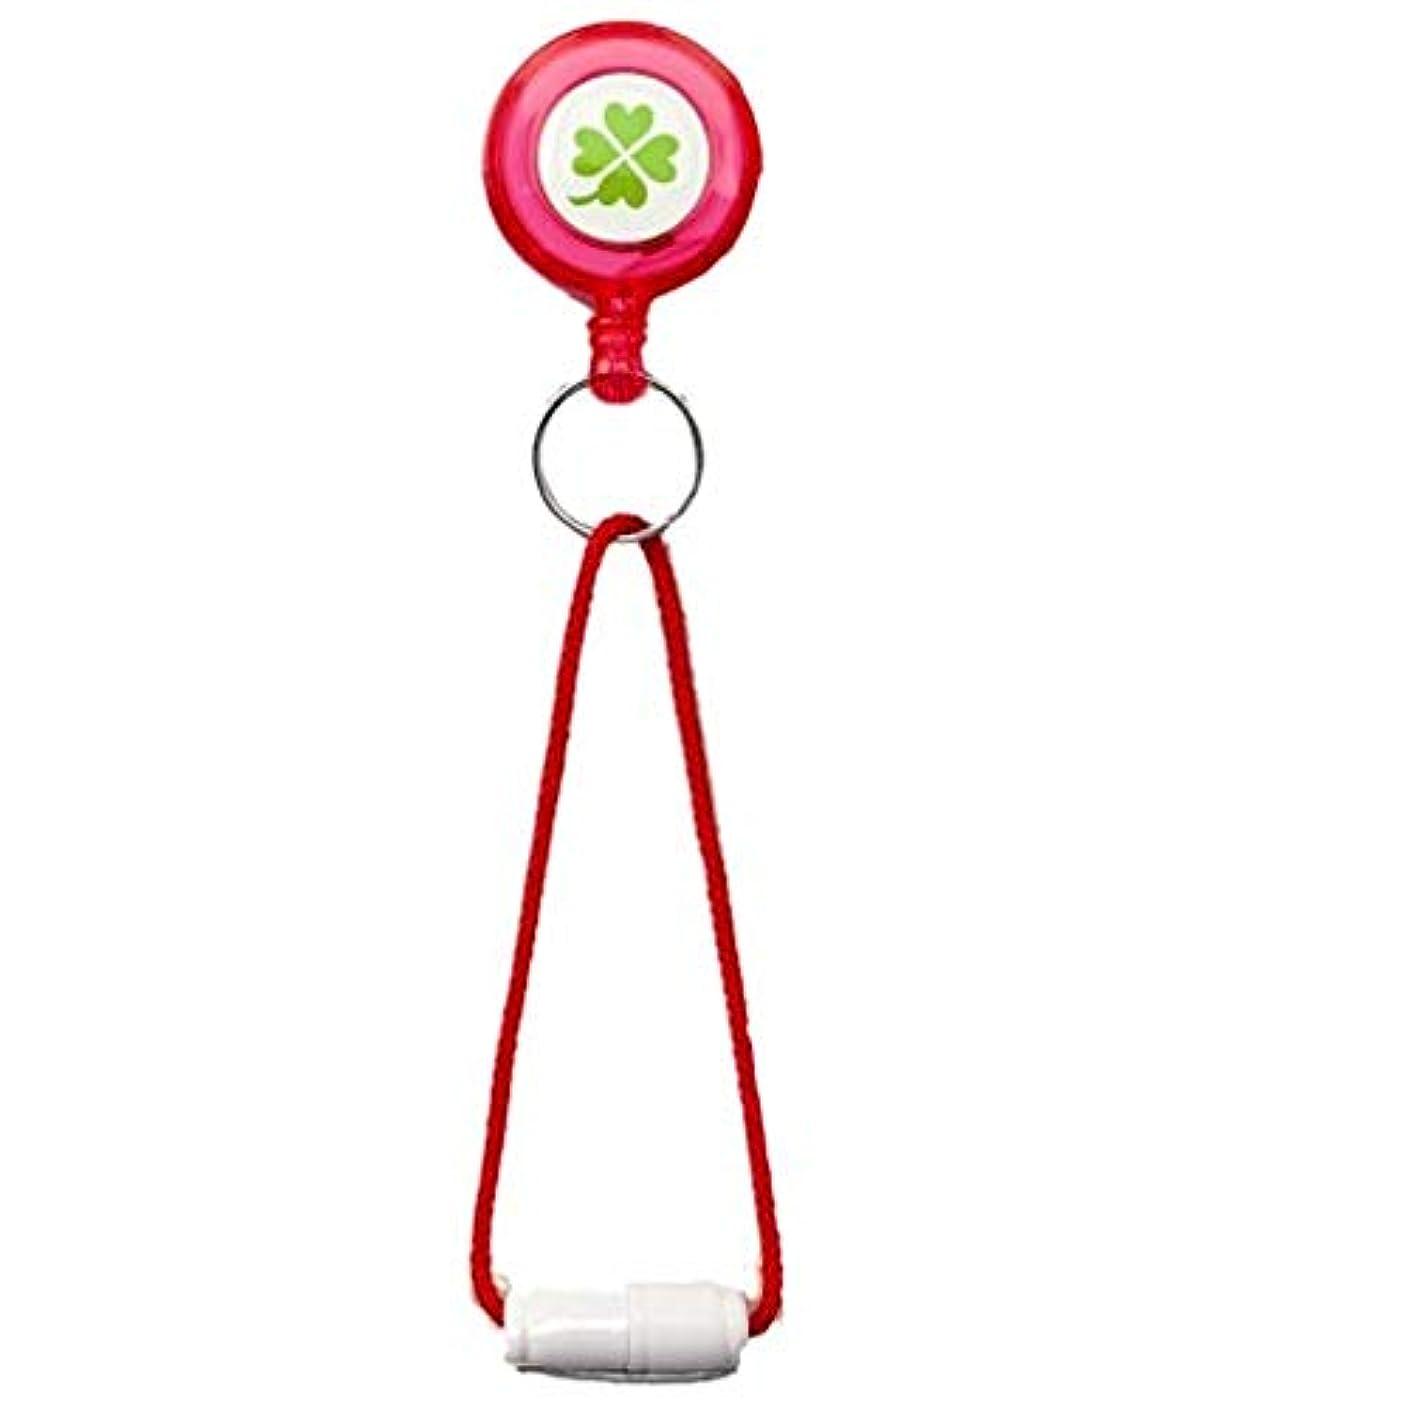 発表する注文センチメンタル便利なストラップ付リールキー (ピンク)